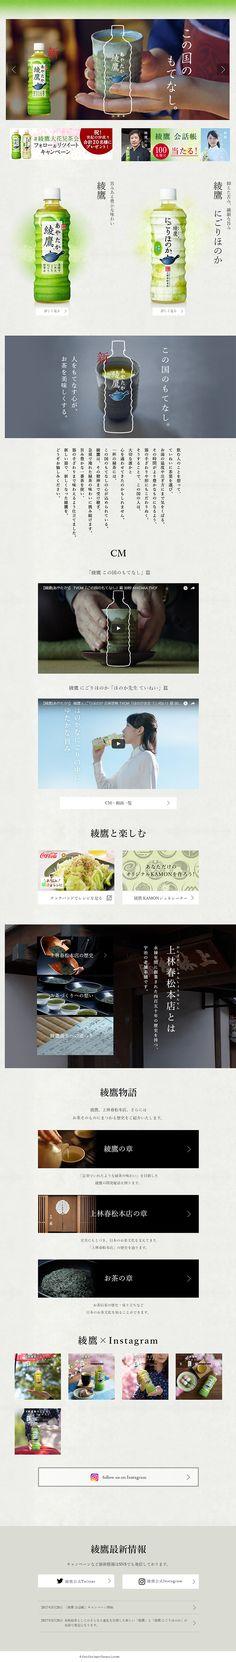 綾鷹【飲料・お酒関連】のLPデザイン。WEBデザイナーさん必見!ランディングページのデザイン参考に(信頼・安心系)